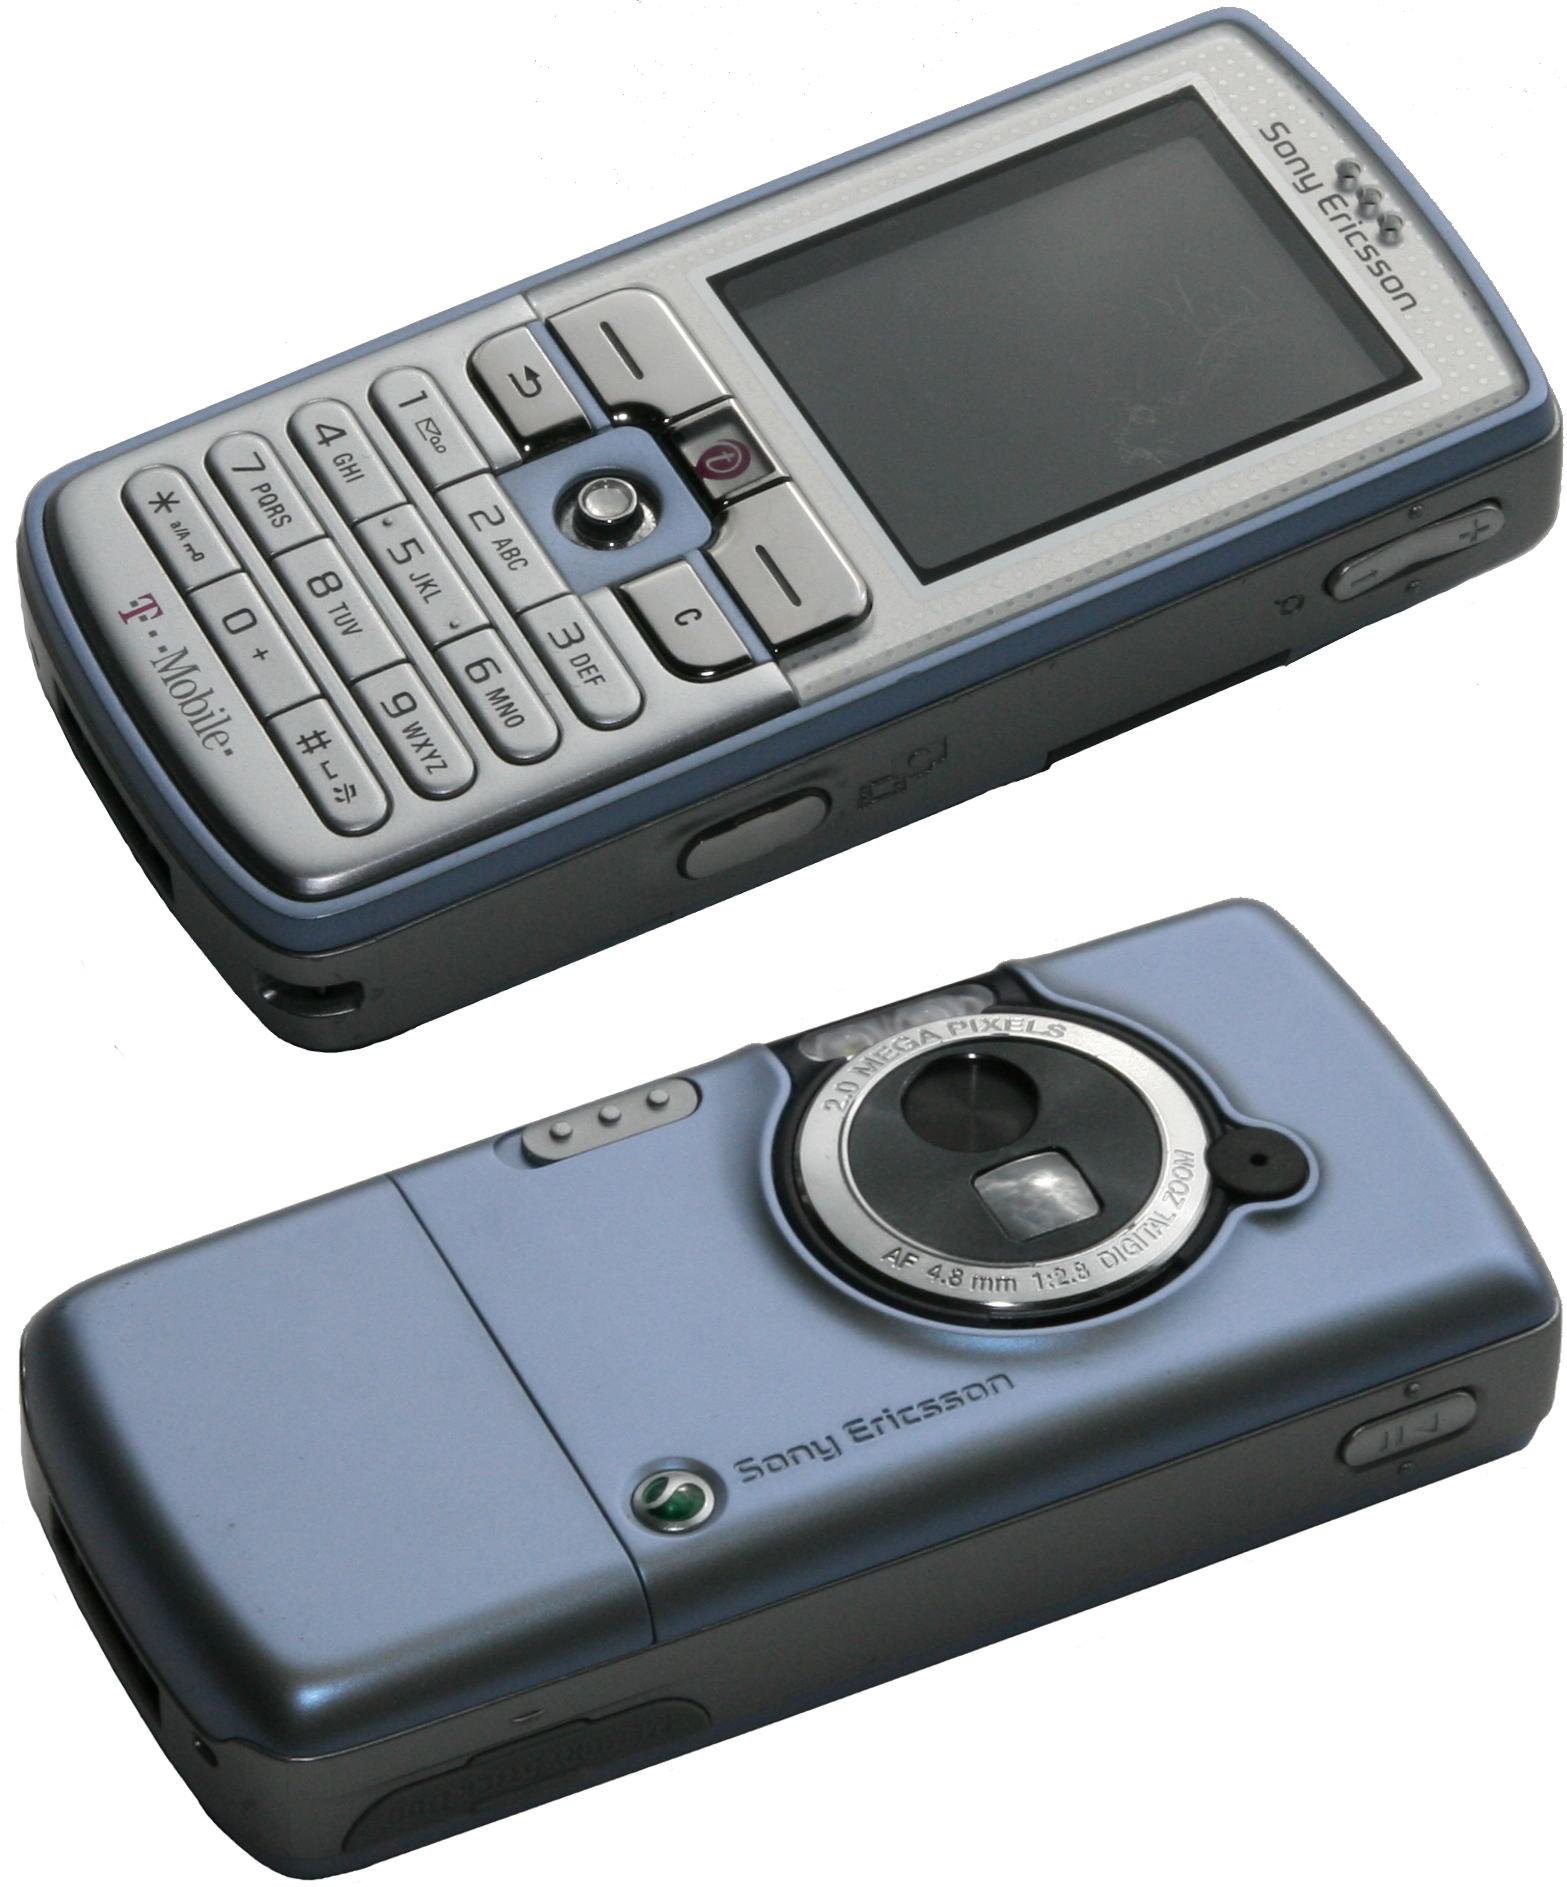 Sony Ericsson D750i     Wikipedia  wolna encyklopedia